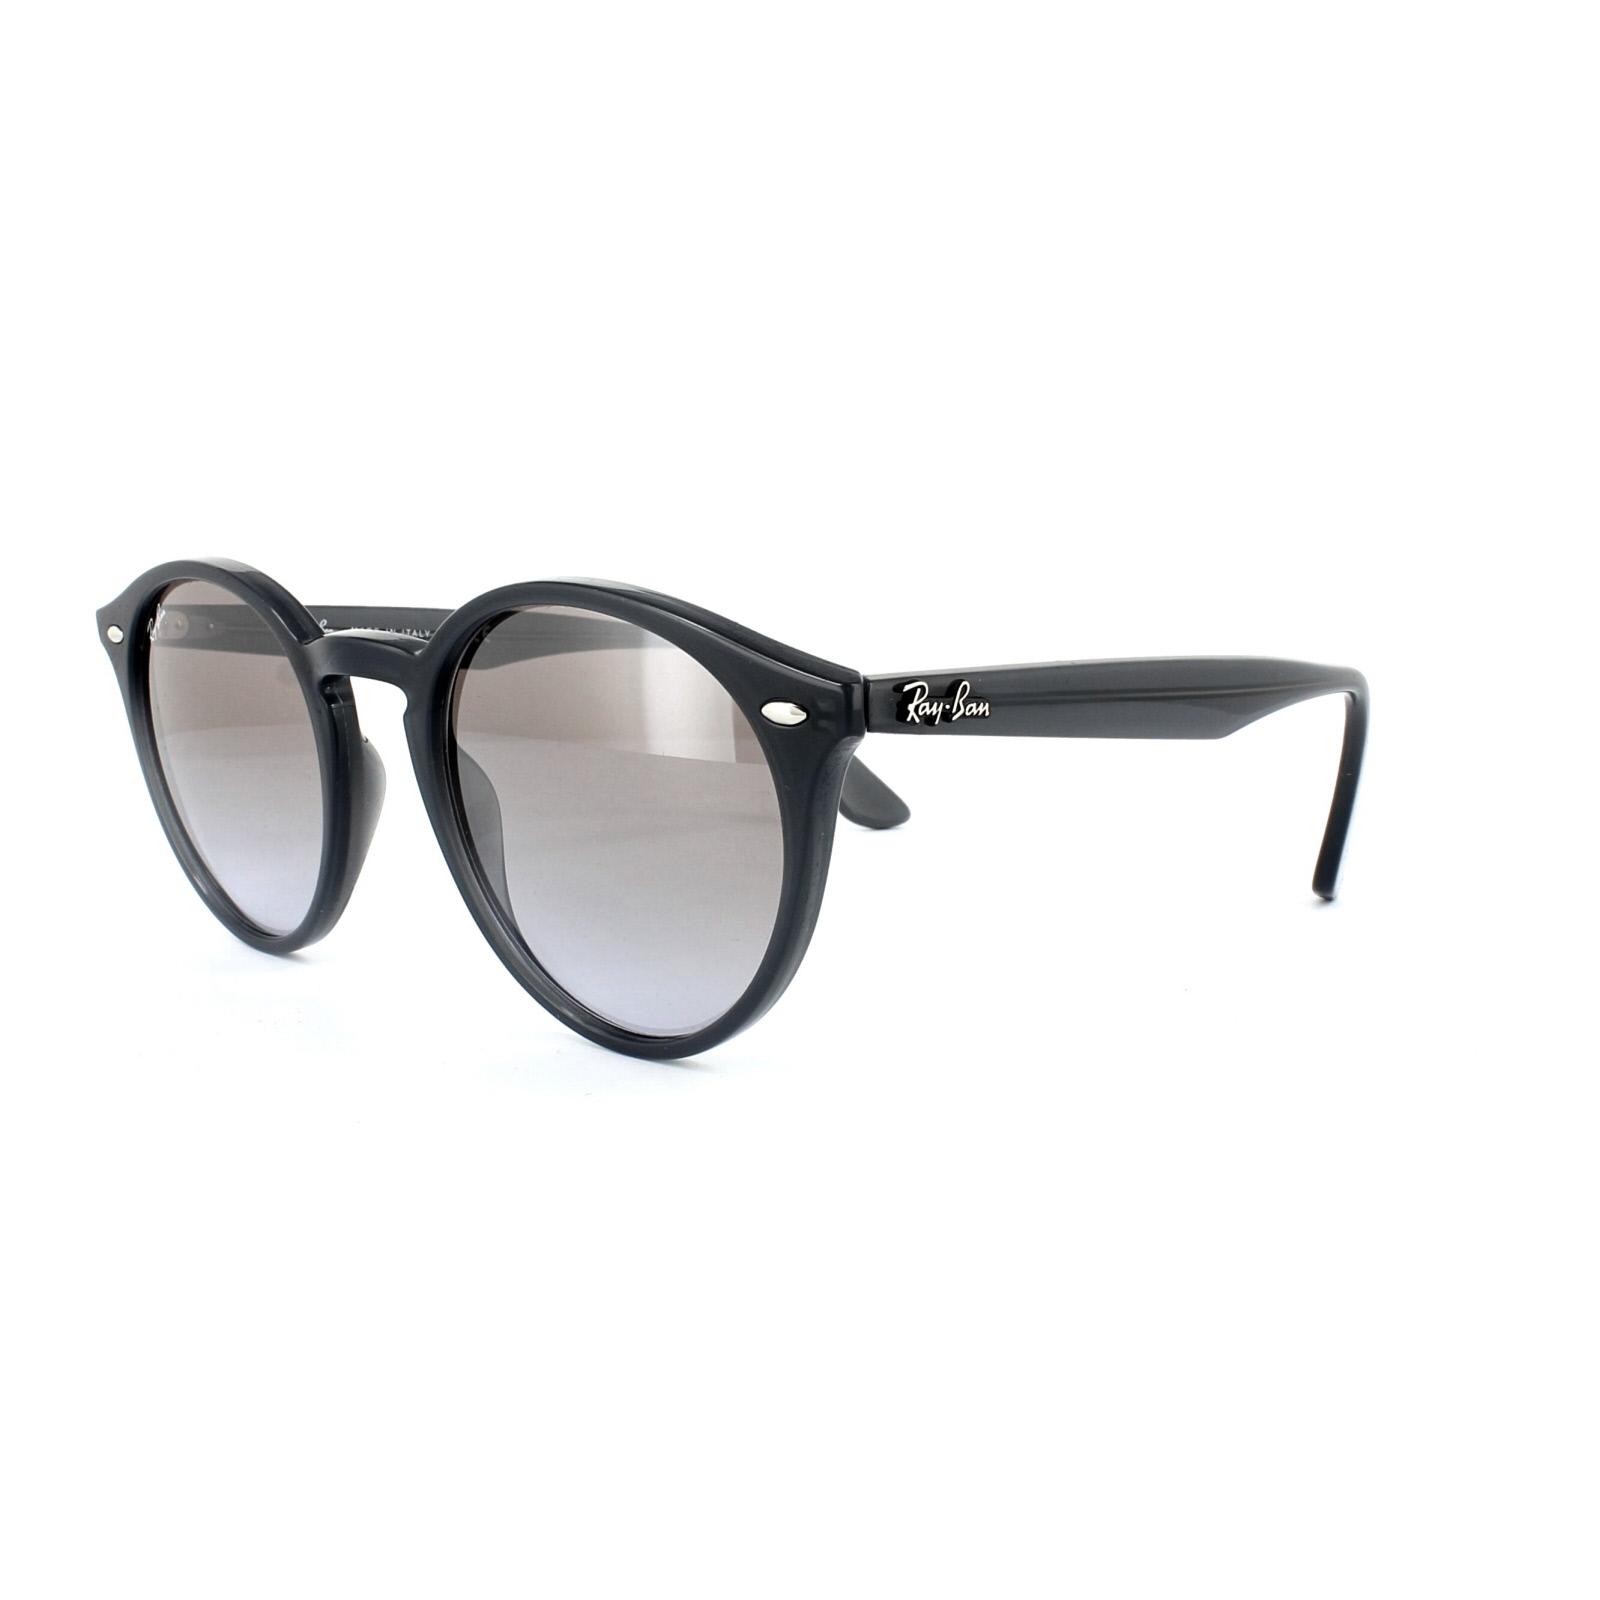 ray ban 4258  ray ban sunglasses 2180 623094 grey brown violet gradient mirror